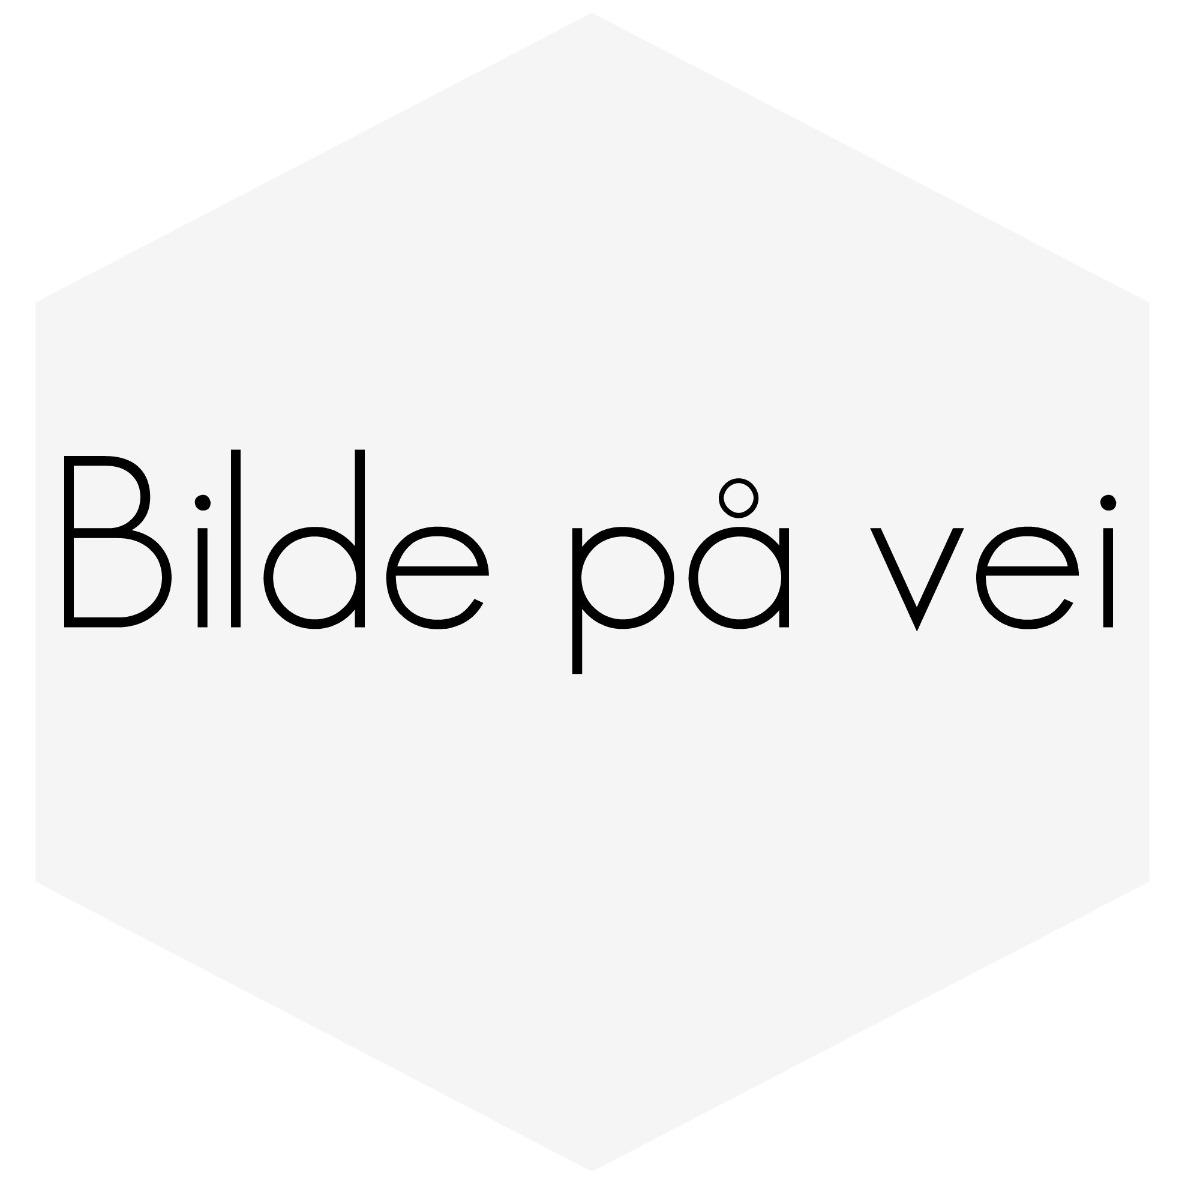 GRILLNETT SØLV-BLANK 20X125CM